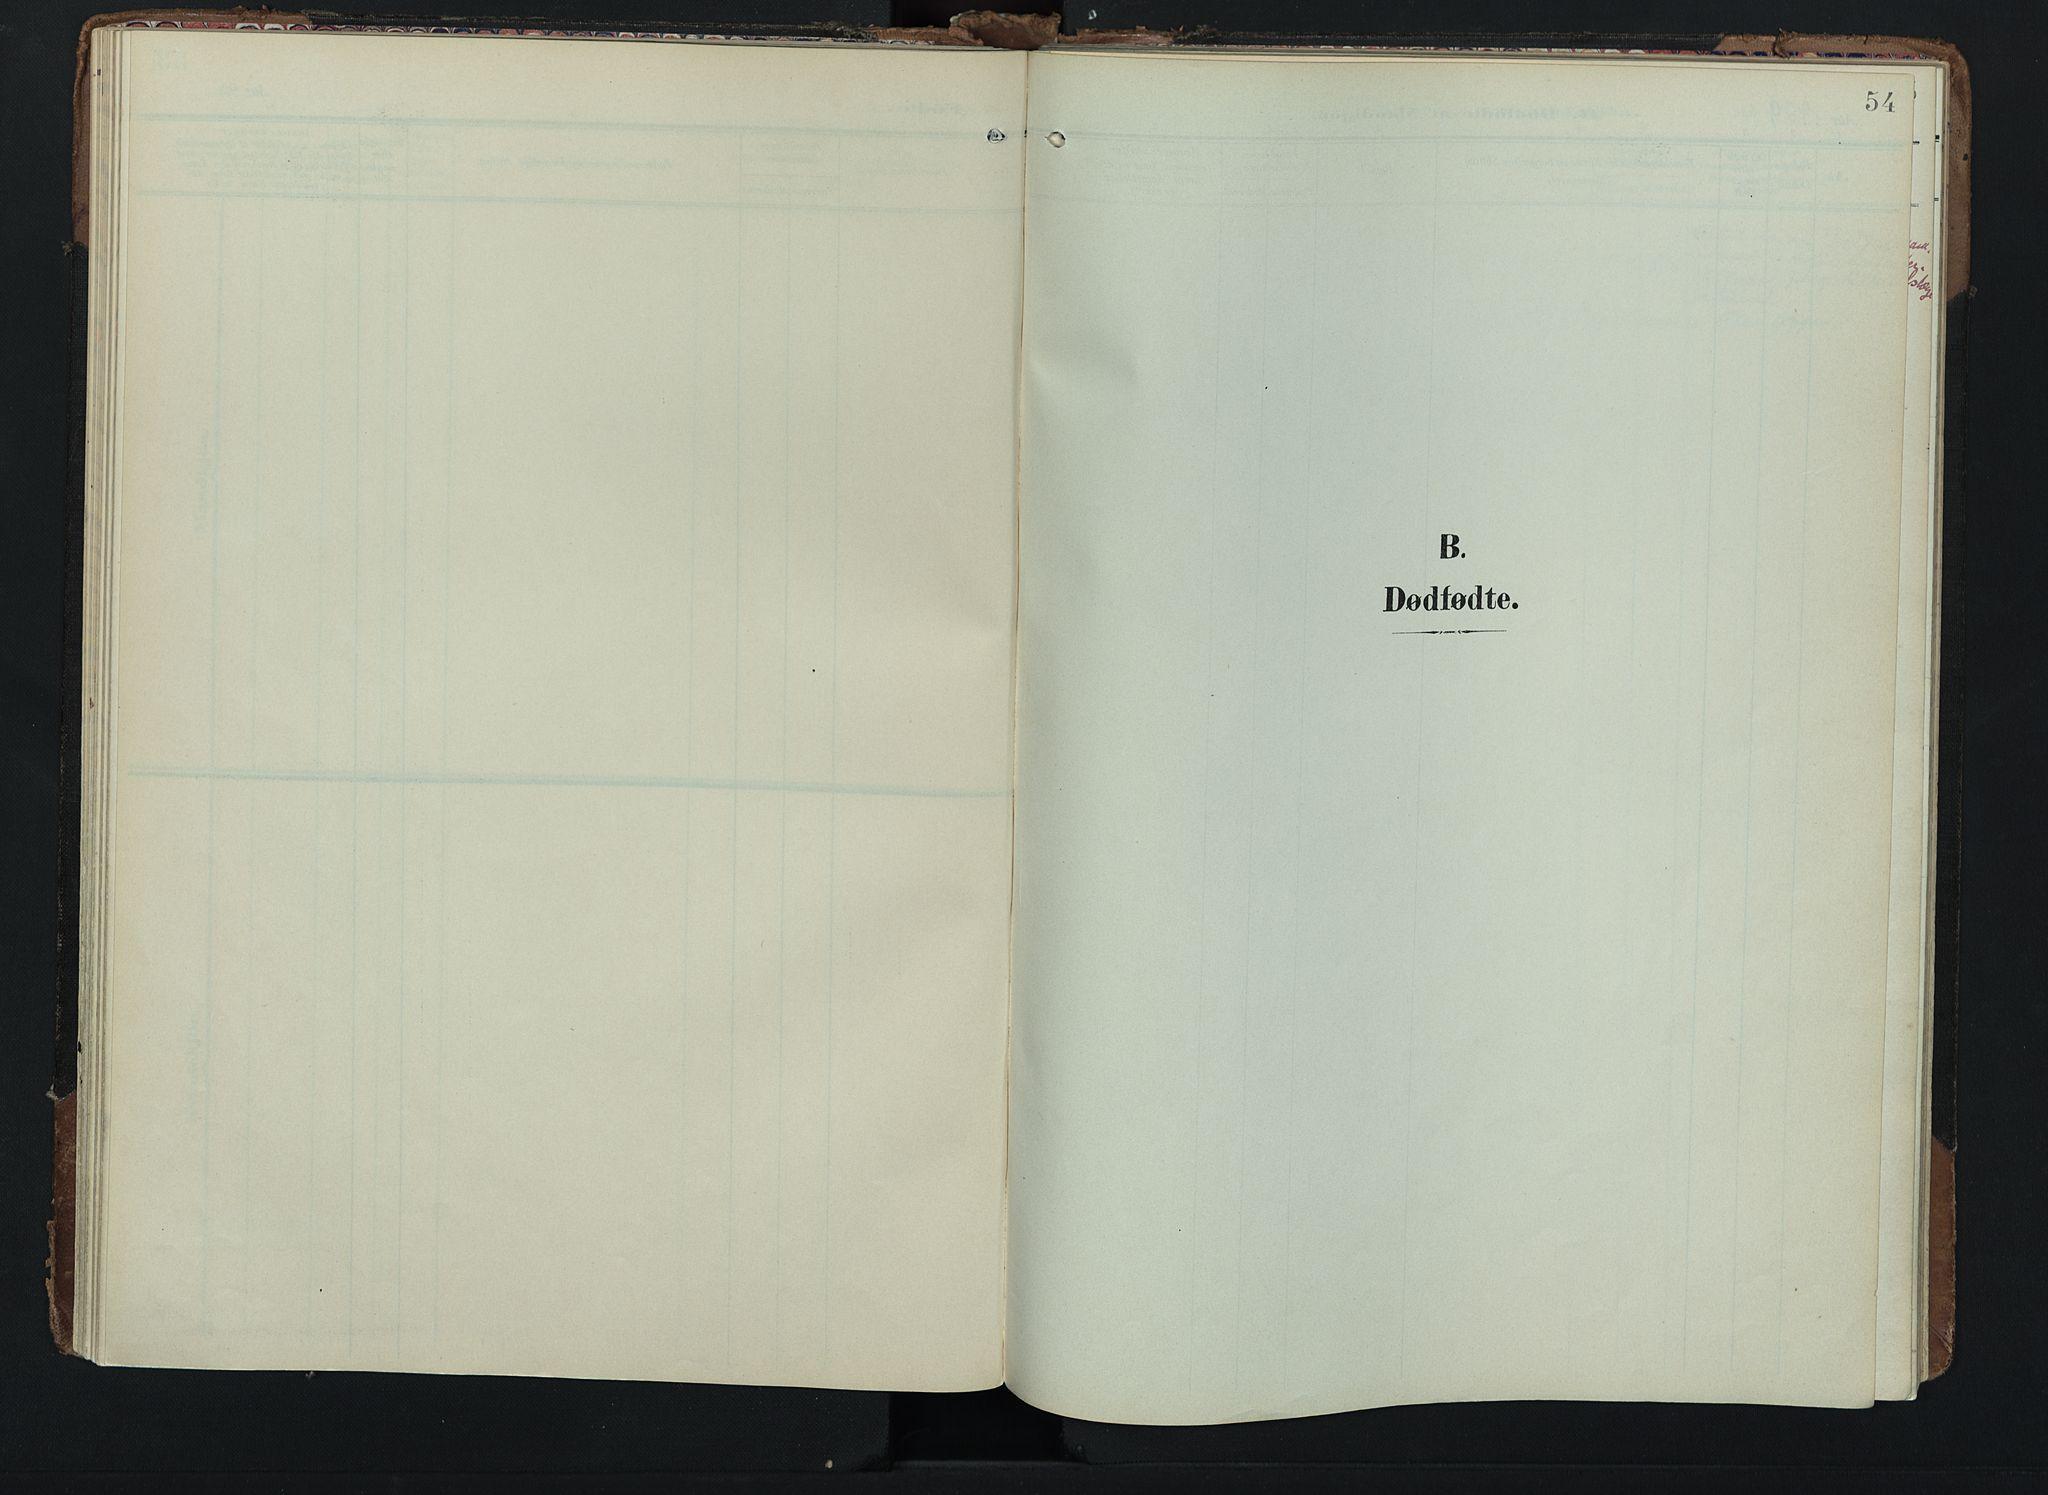 SAH, Lom prestekontor, K/L0012: Ministerialbok nr. 12, 1904-1928, s. 54